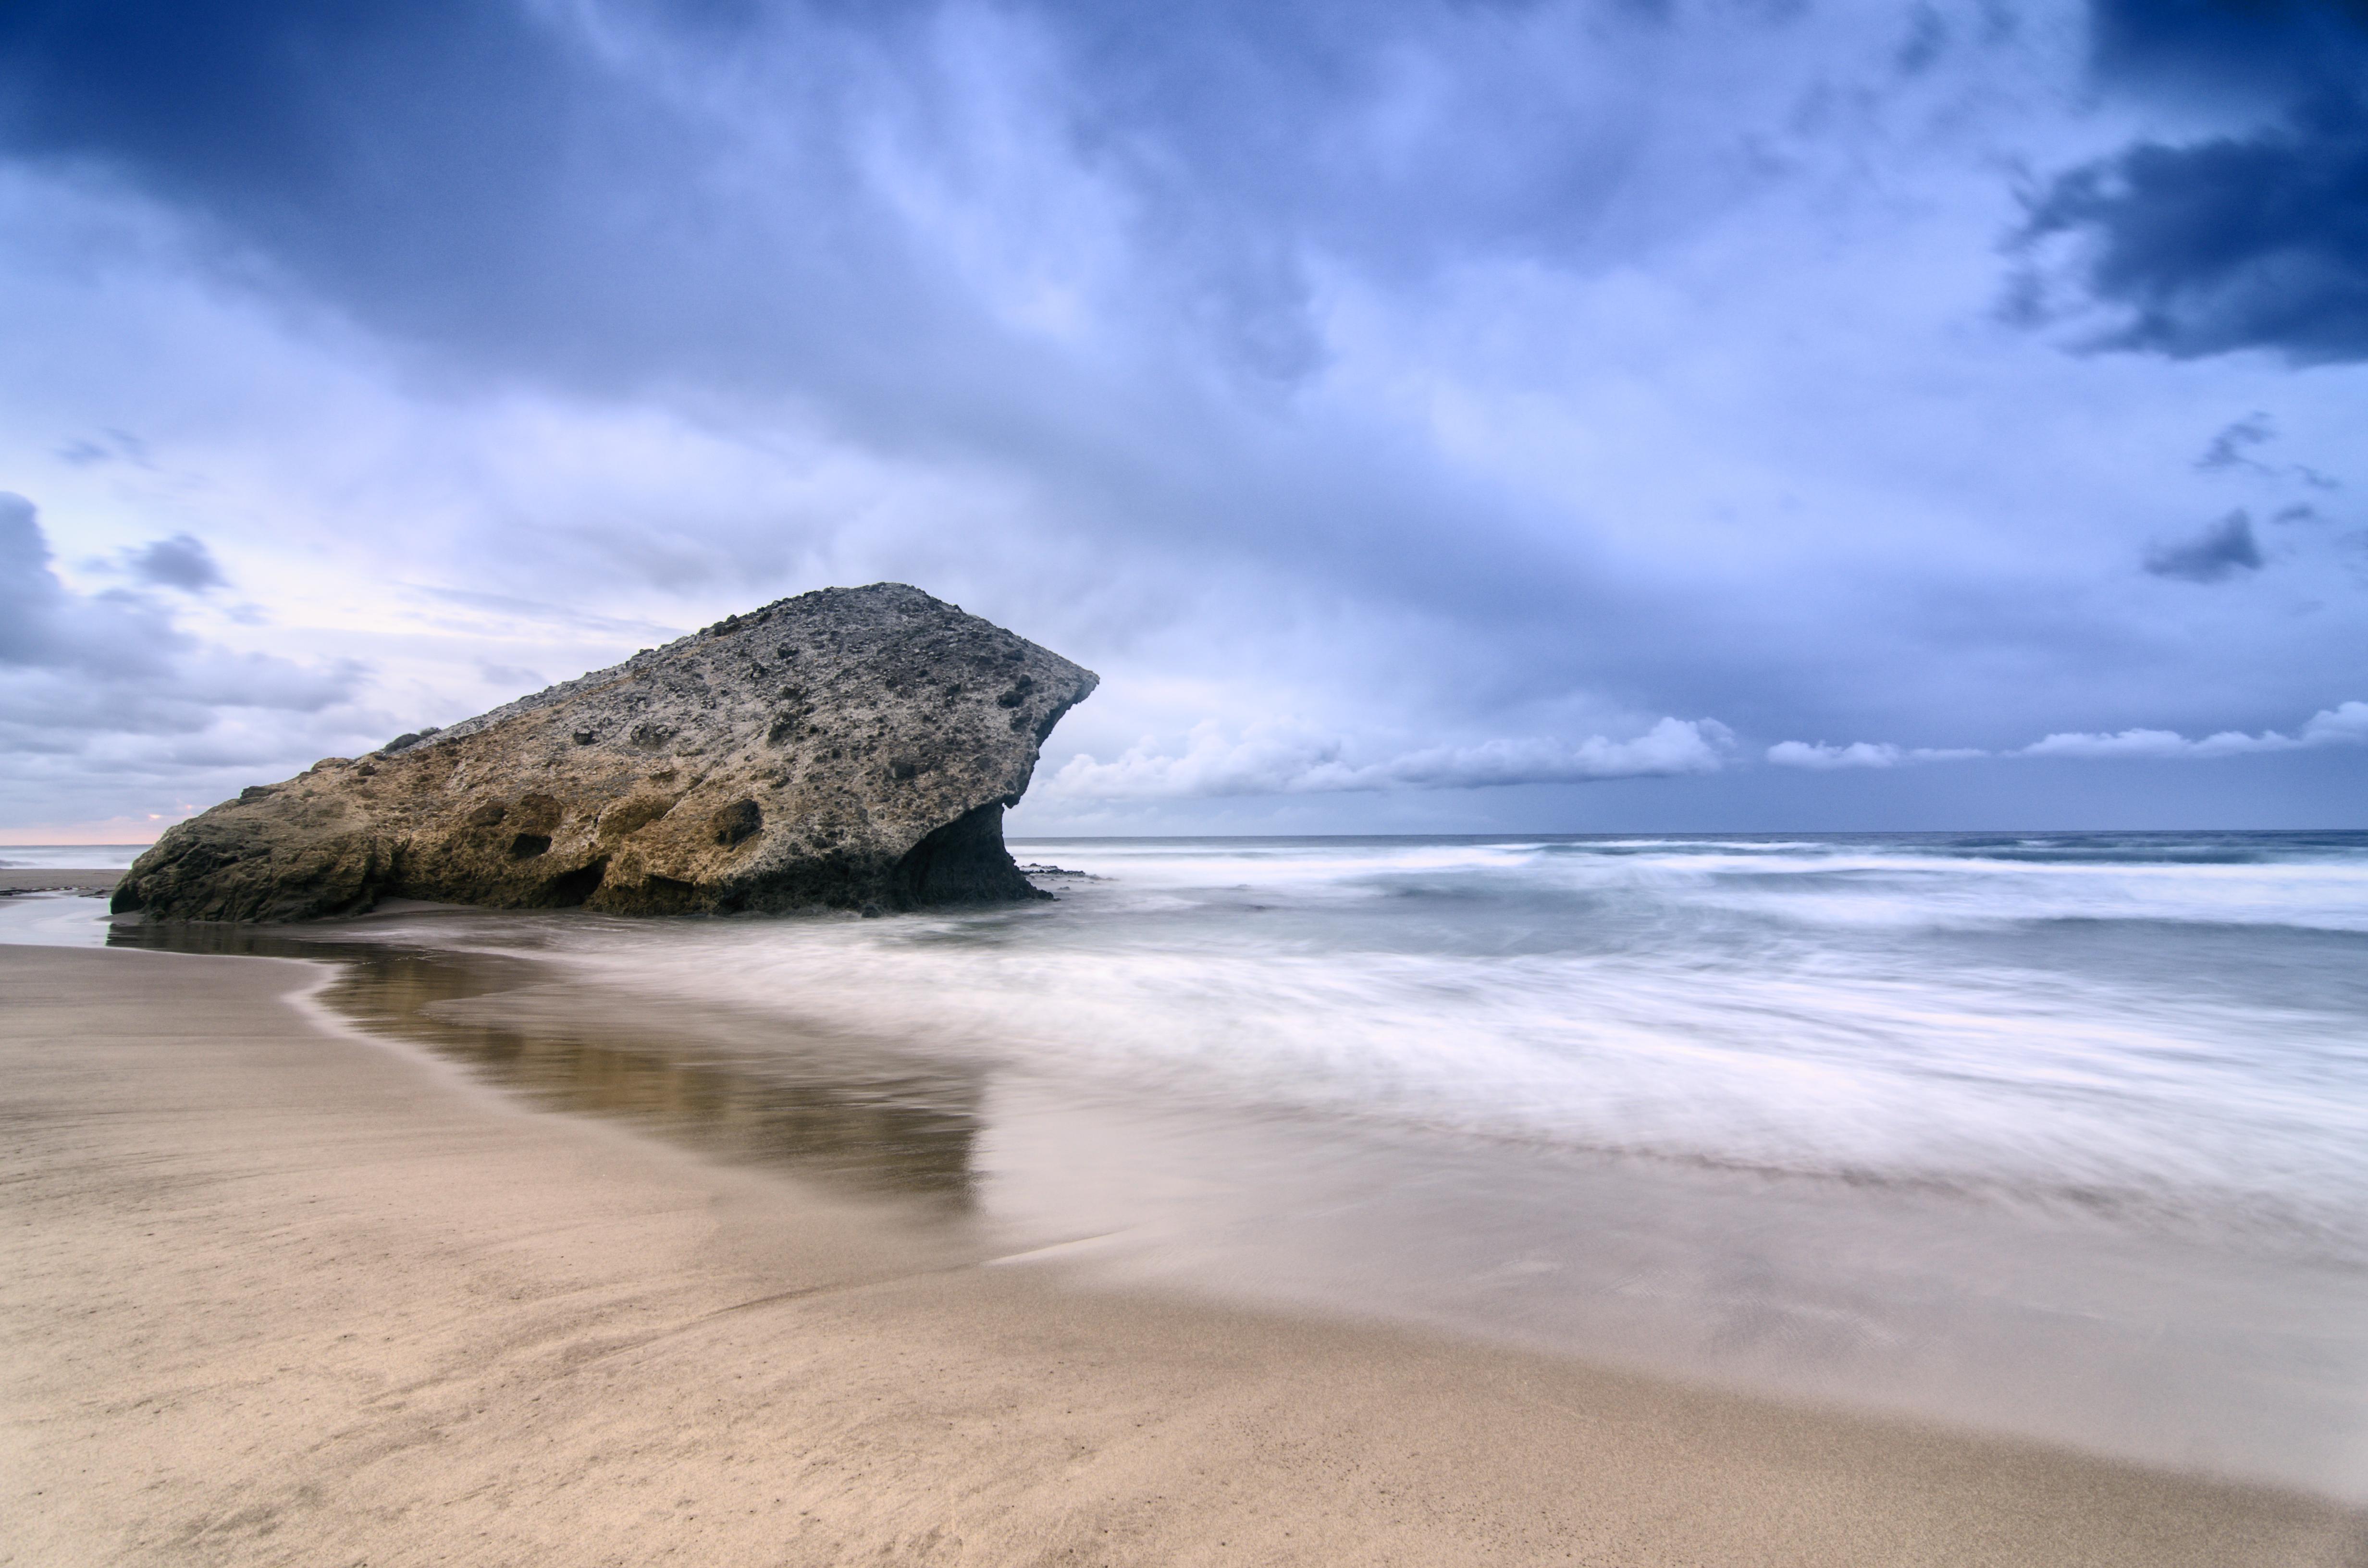 Las 10 Mejores Playas De Almería Por Cuál Vas A Empezar Skyscanner Espana